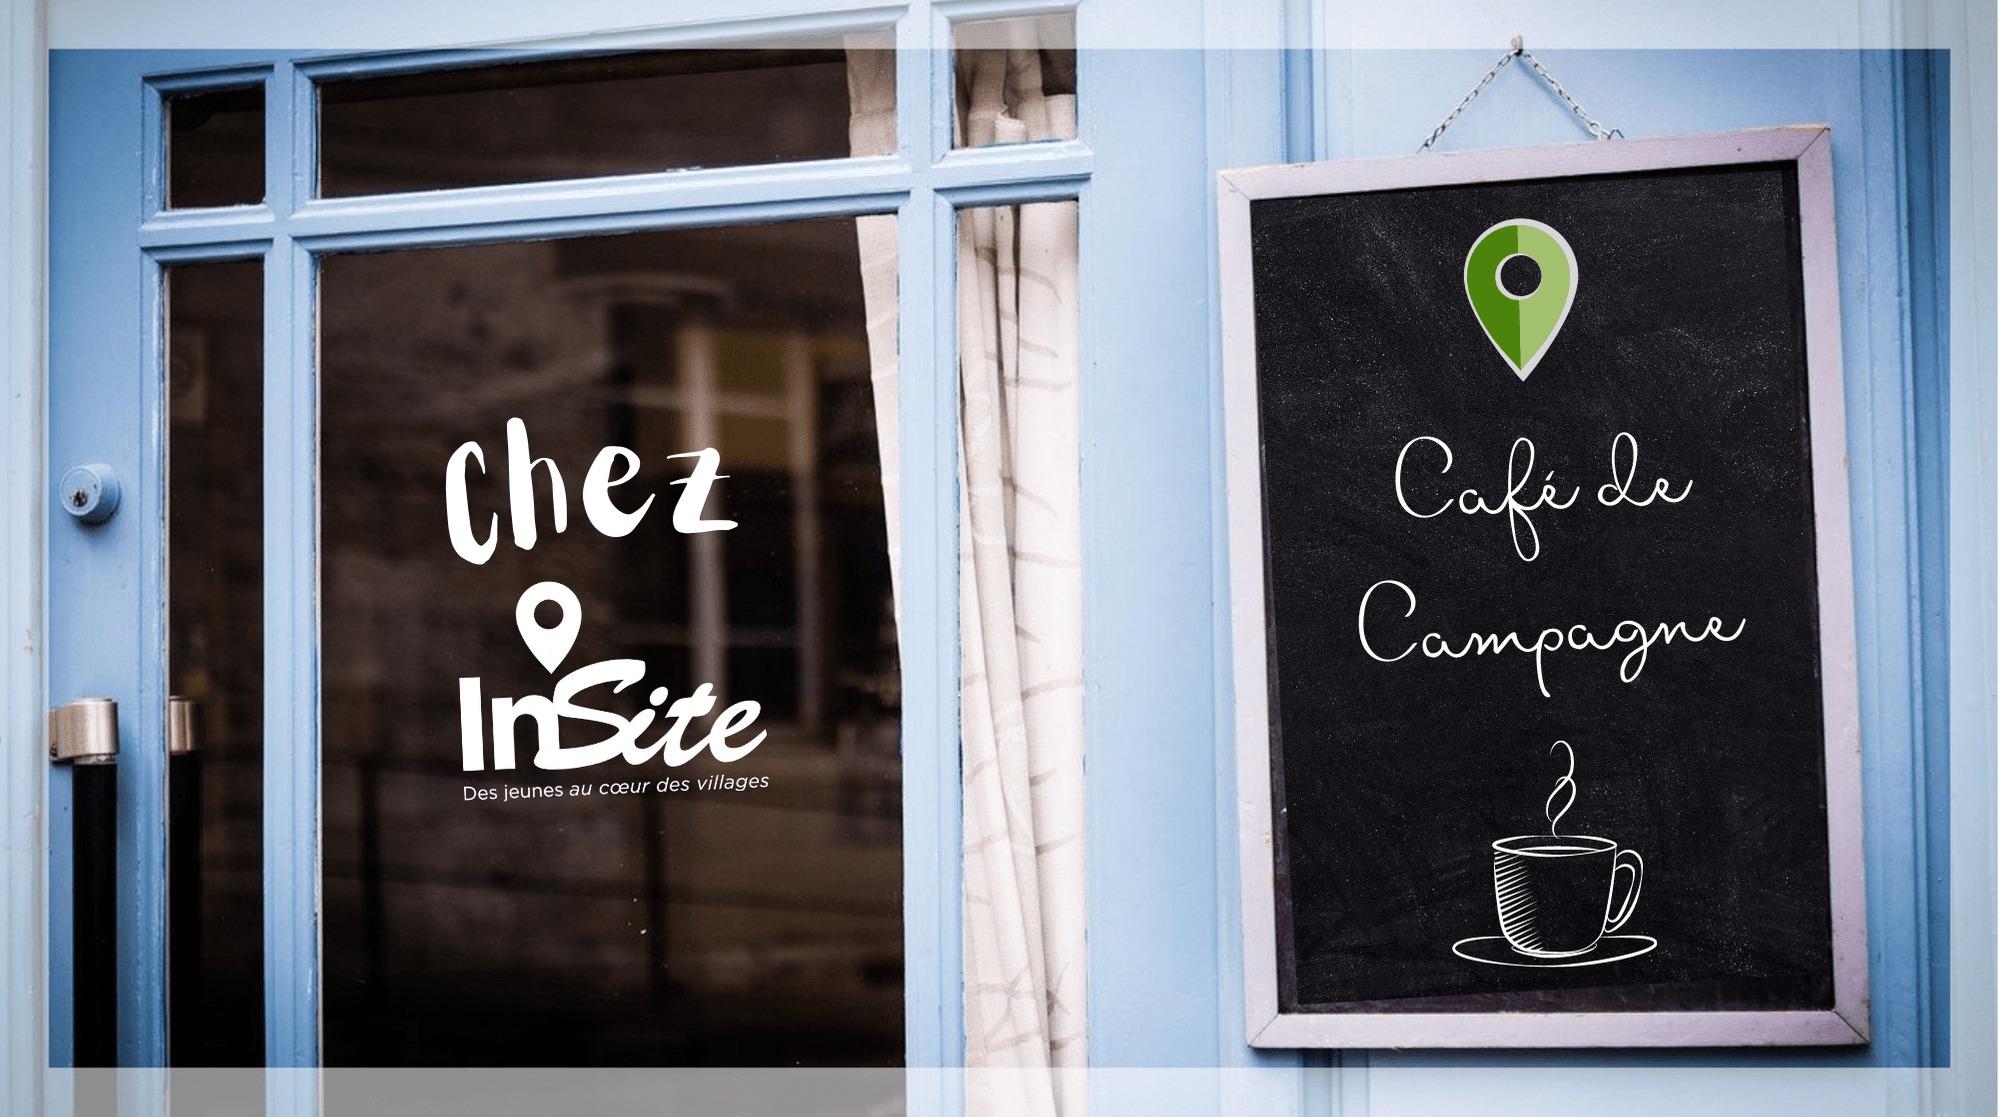 """En 2020, InSite a lancé """"Artisans d'Idées"""" : la communauté ouverte des acteurs et penseurs de la ruralité positive."""